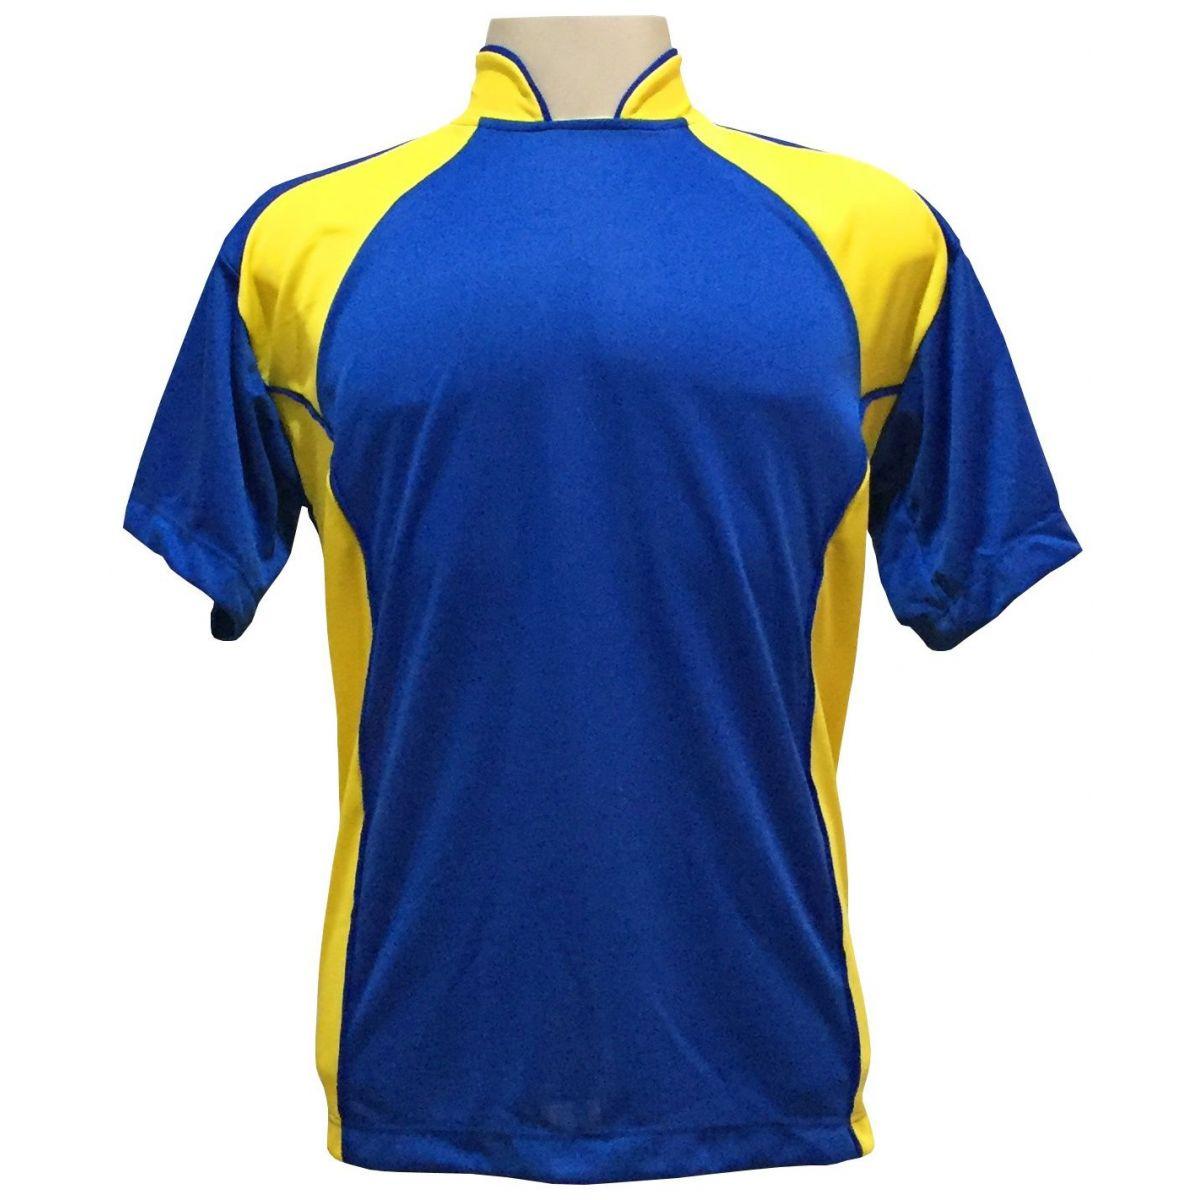 Uniforme Esportivo Completo modelo Suécia 14+1 (14 camisas Royal/Amarelo + 14 calções Madrid Royal + 14 pares de meiões Royal + 1 conjunto de goleiro) + Brindes